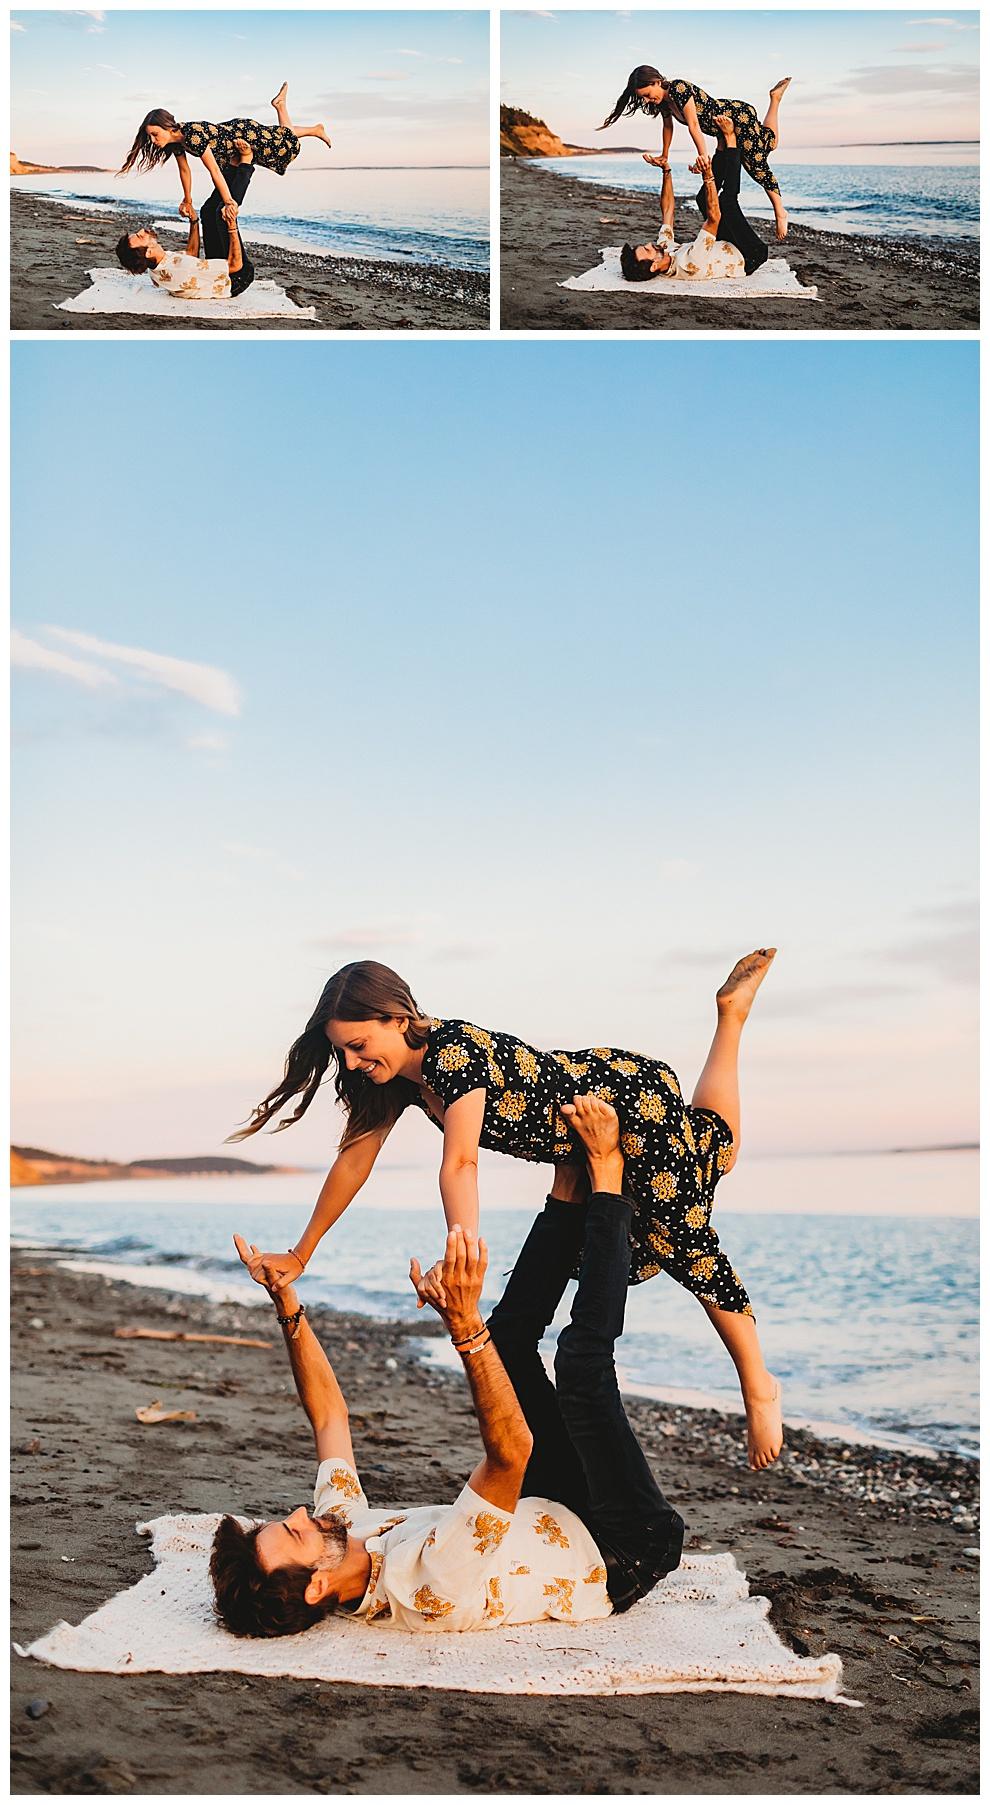 couple doing playful yoga pose on beach